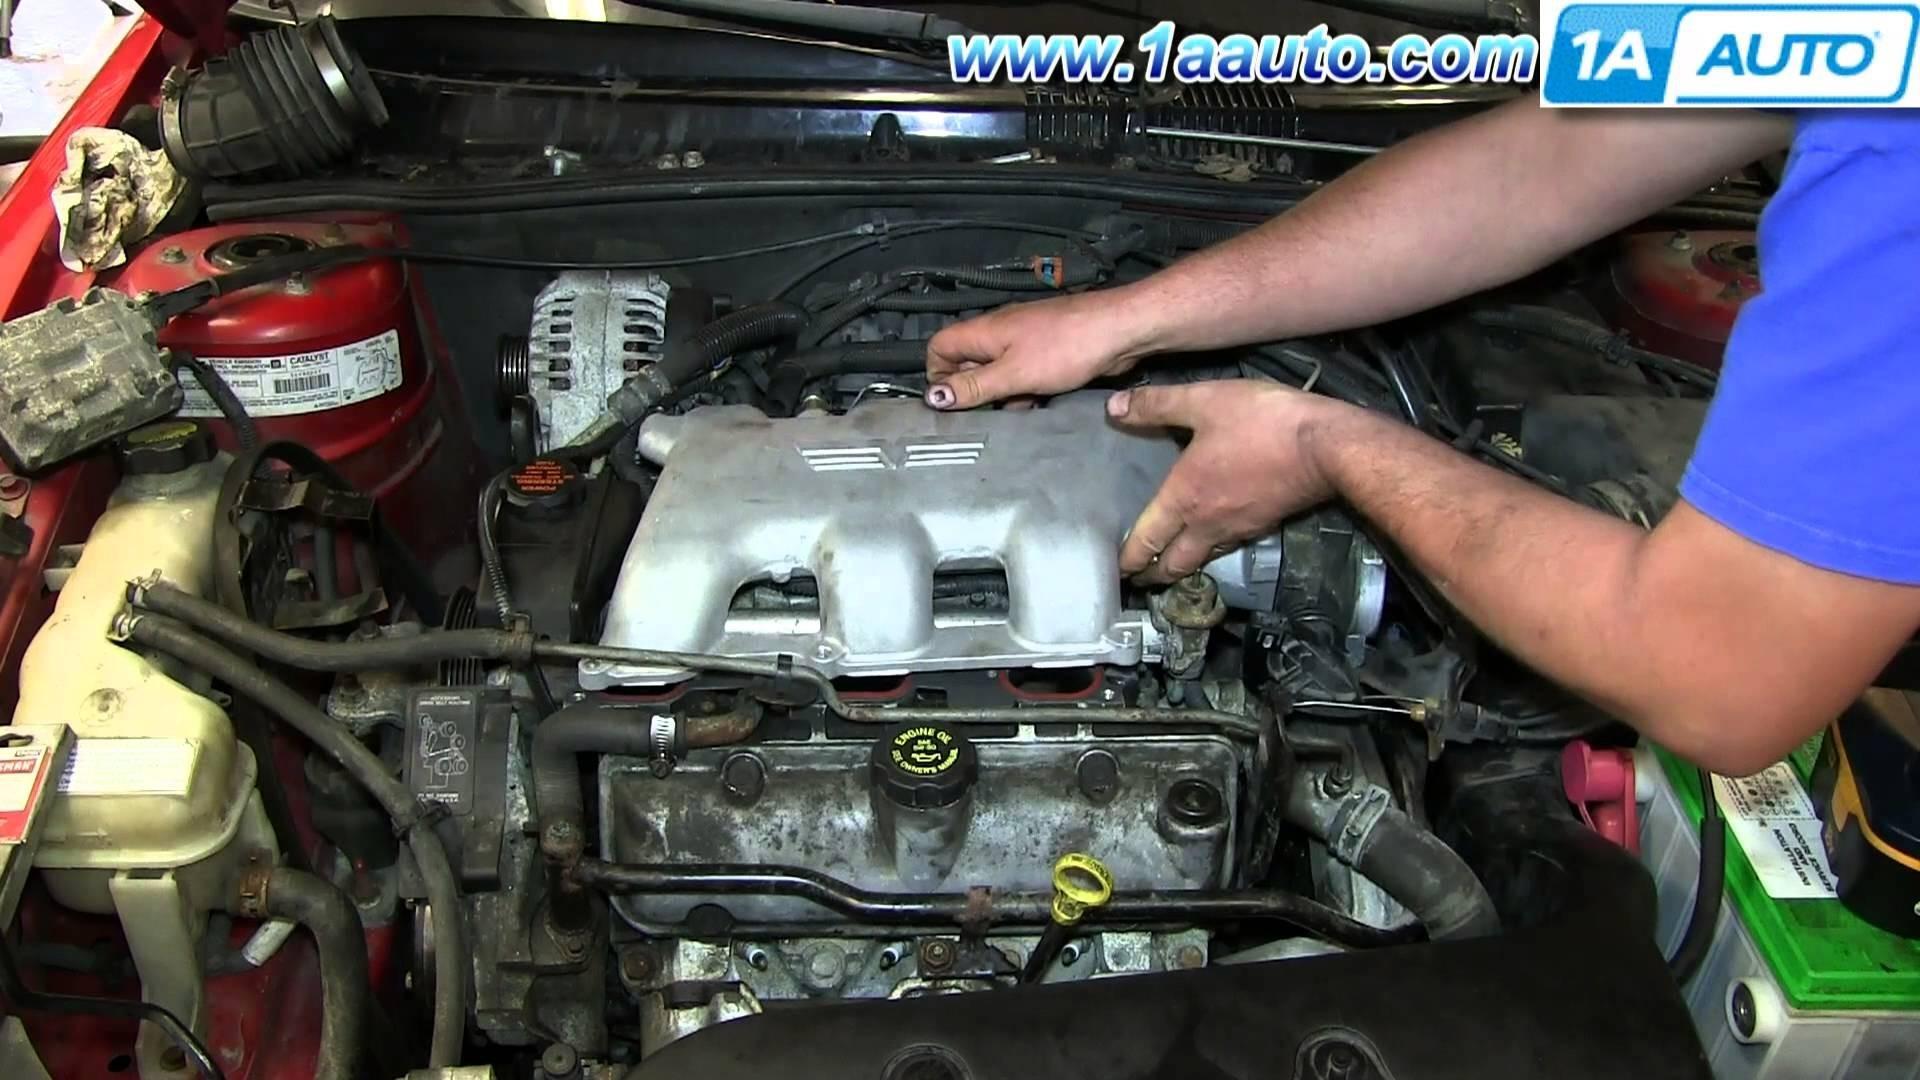 2004 Pontiac Grand Prix Engine Diagram 2004 Pontiac Grand Prix Gtp Engine Diagram How to Install Replace Of 2004 Pontiac Grand Prix Engine Diagram